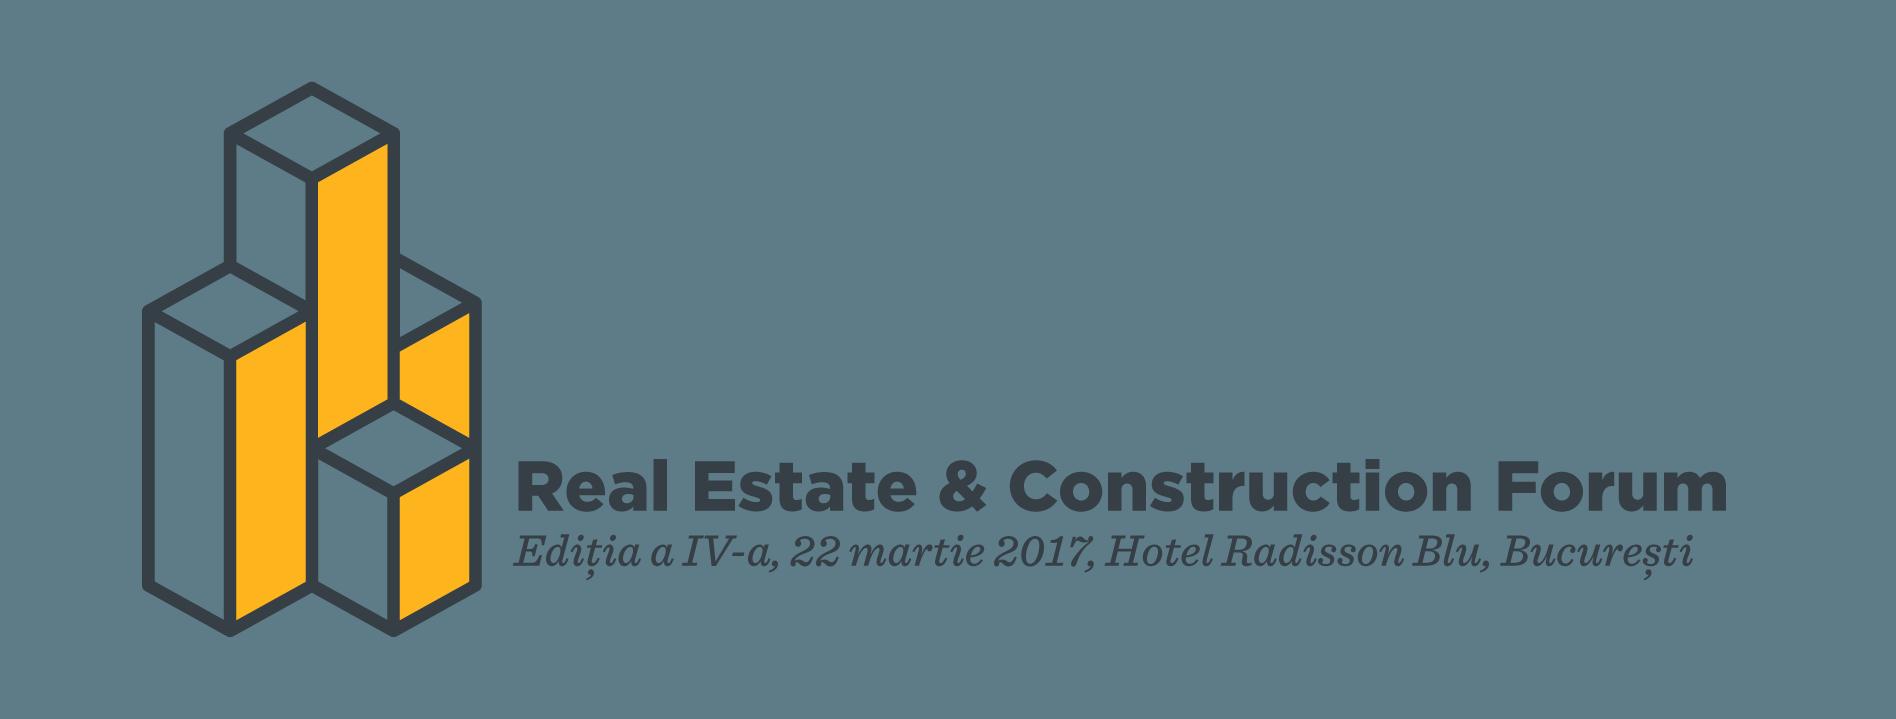 Real Estate Construction : Real estate construction forum in domeniul